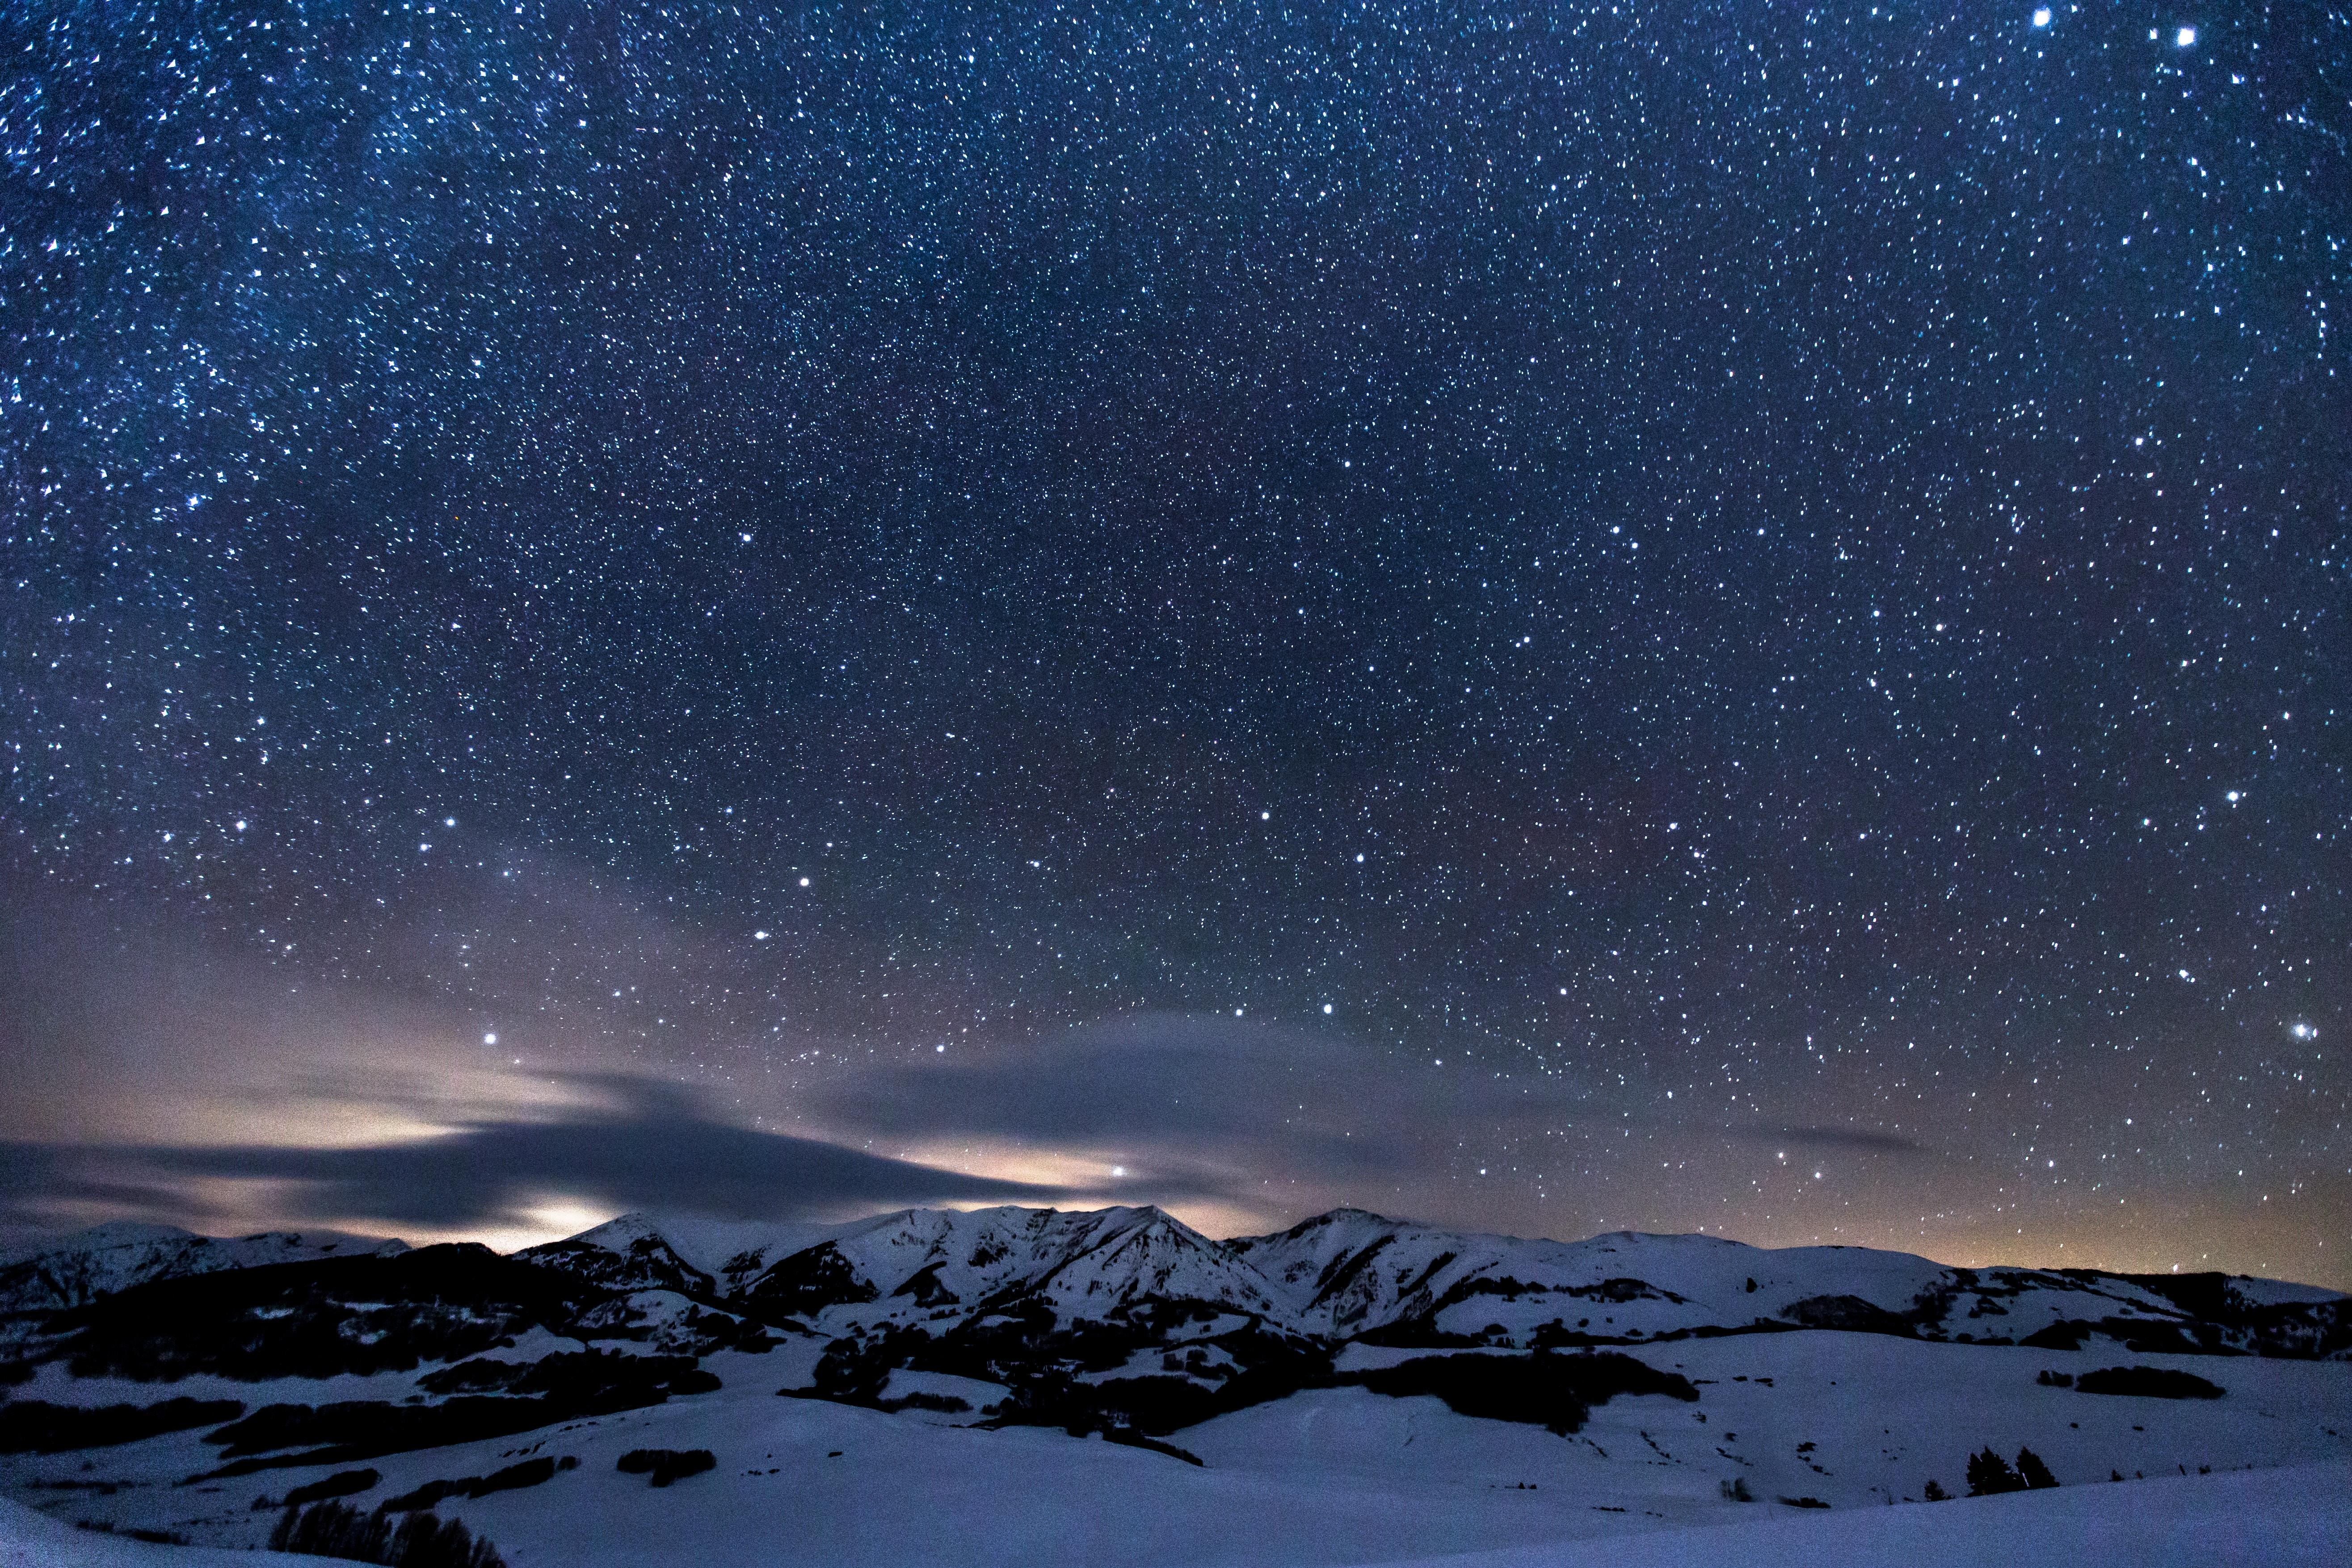 Images gratuites montagne neige hiver toile - Photos de neige gratuites ...